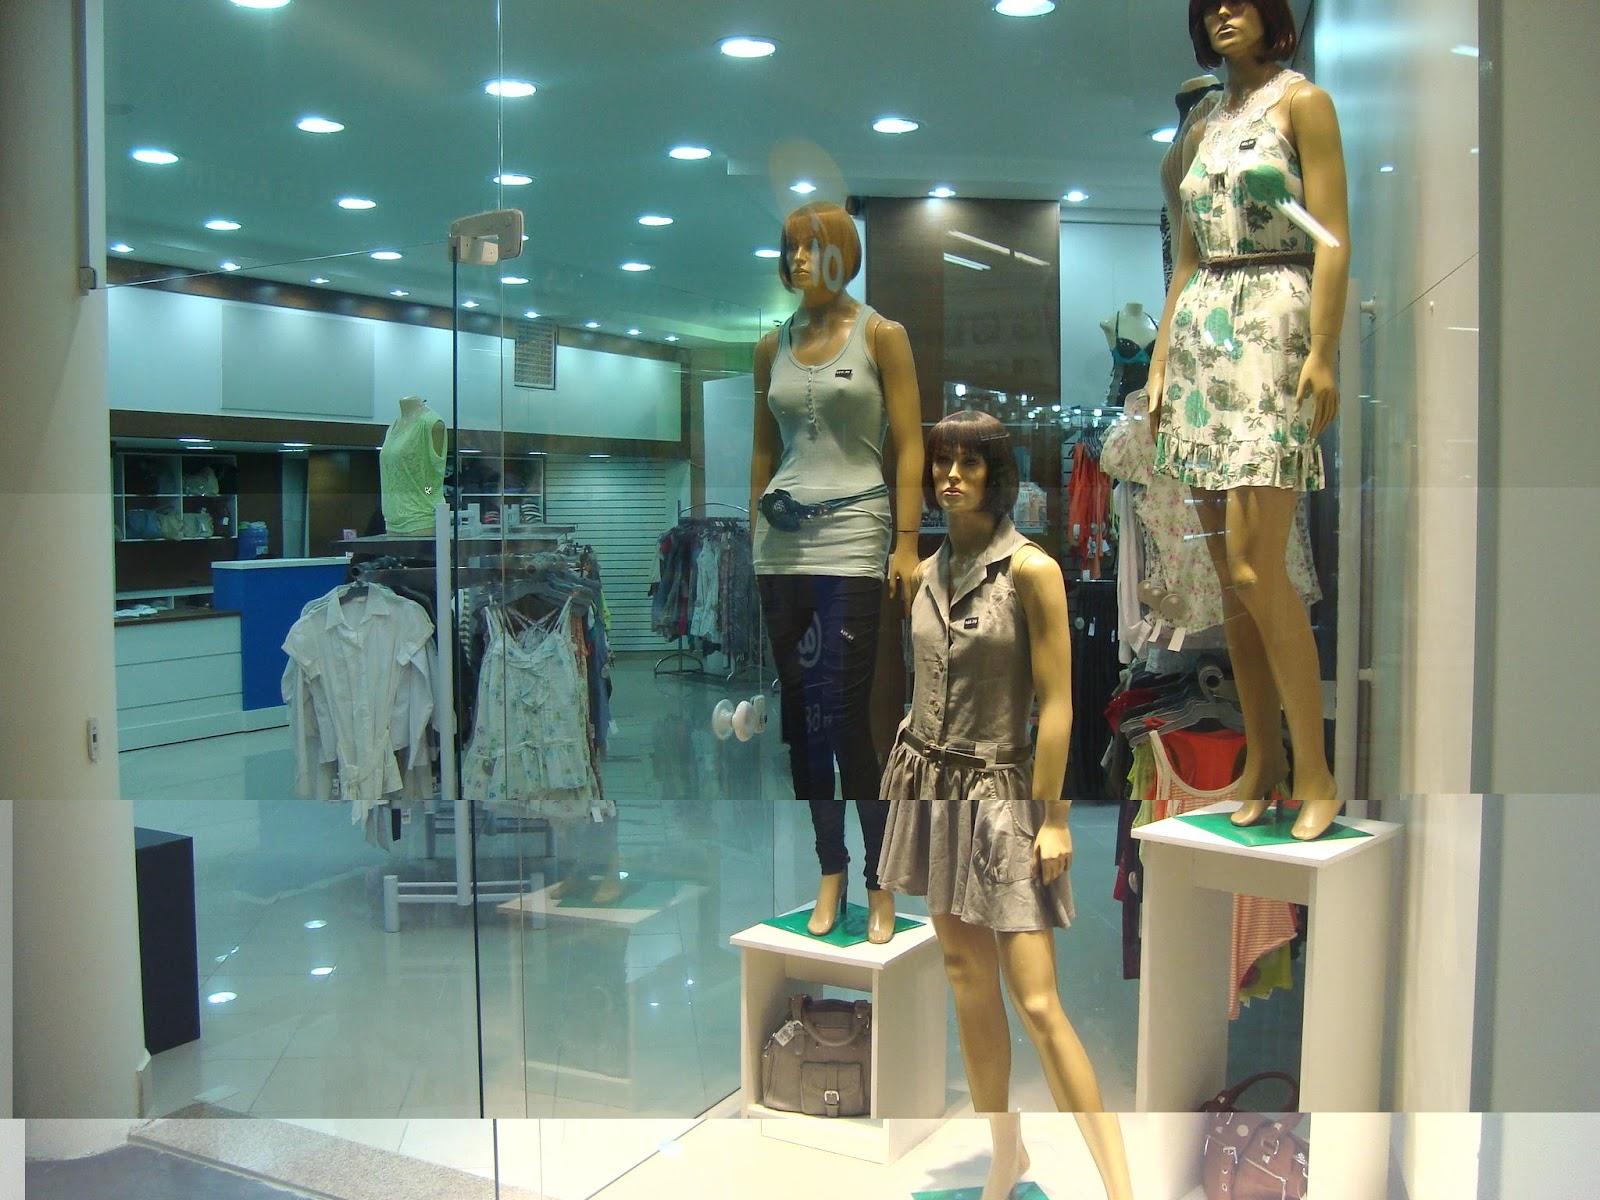 decoracao de interiores de boutiques:MÓVEIS PLANEJADOS MARCENARIA CASACOR NOIVAS PAINEL LACA ARMÁRIOS